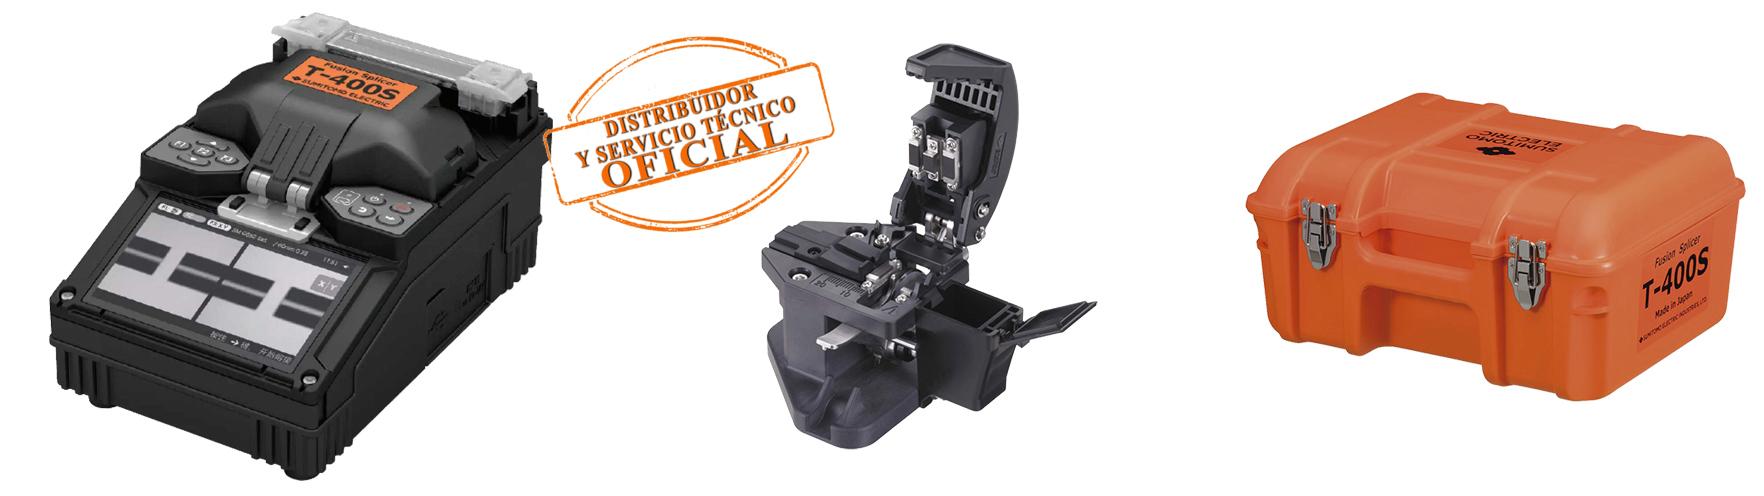 Kit Fusionadora T400 Fibercom sello